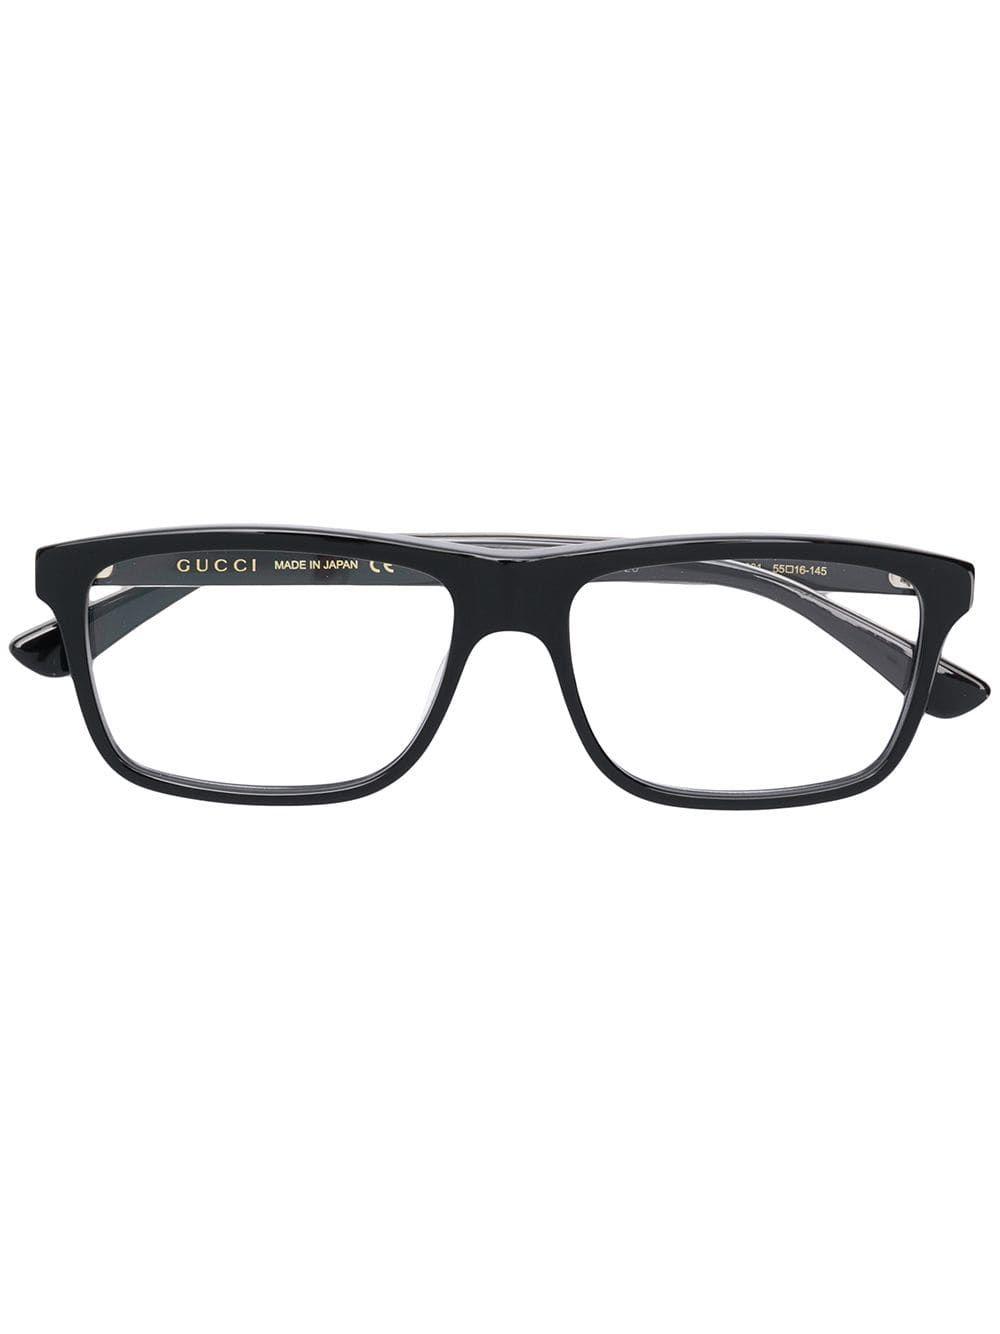 0b0efff3add GUCCI GUCCI EYEWEAR RECTANGULAR FRAME GLASSES - BLACK.  gucci ...